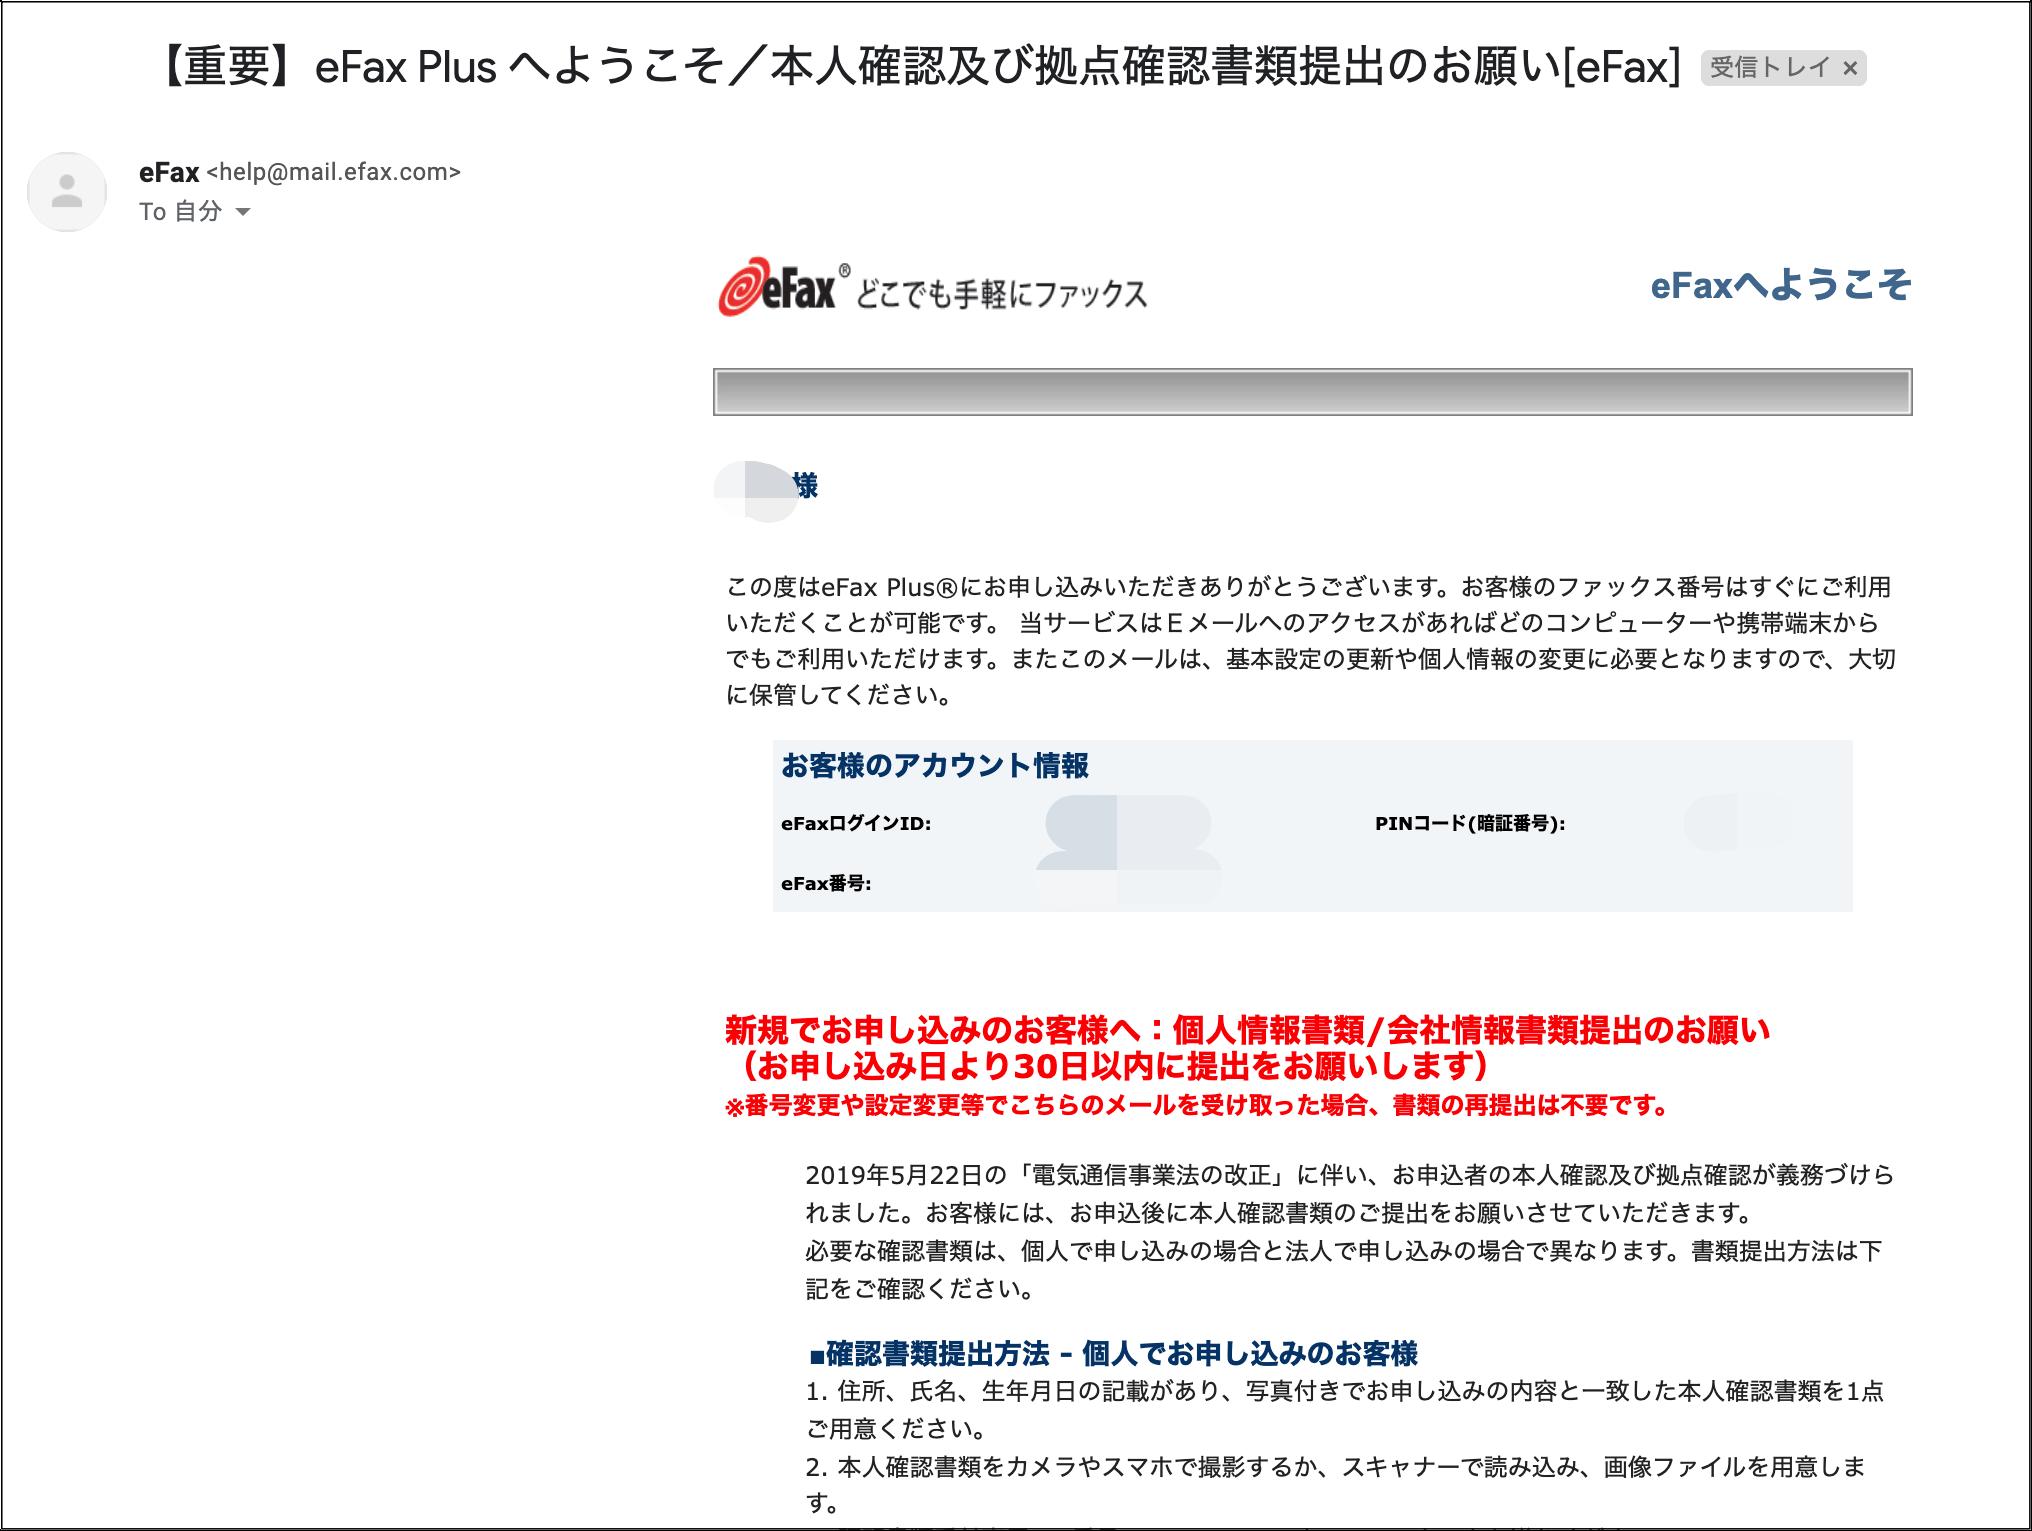 eFAXの申し込み完了メール